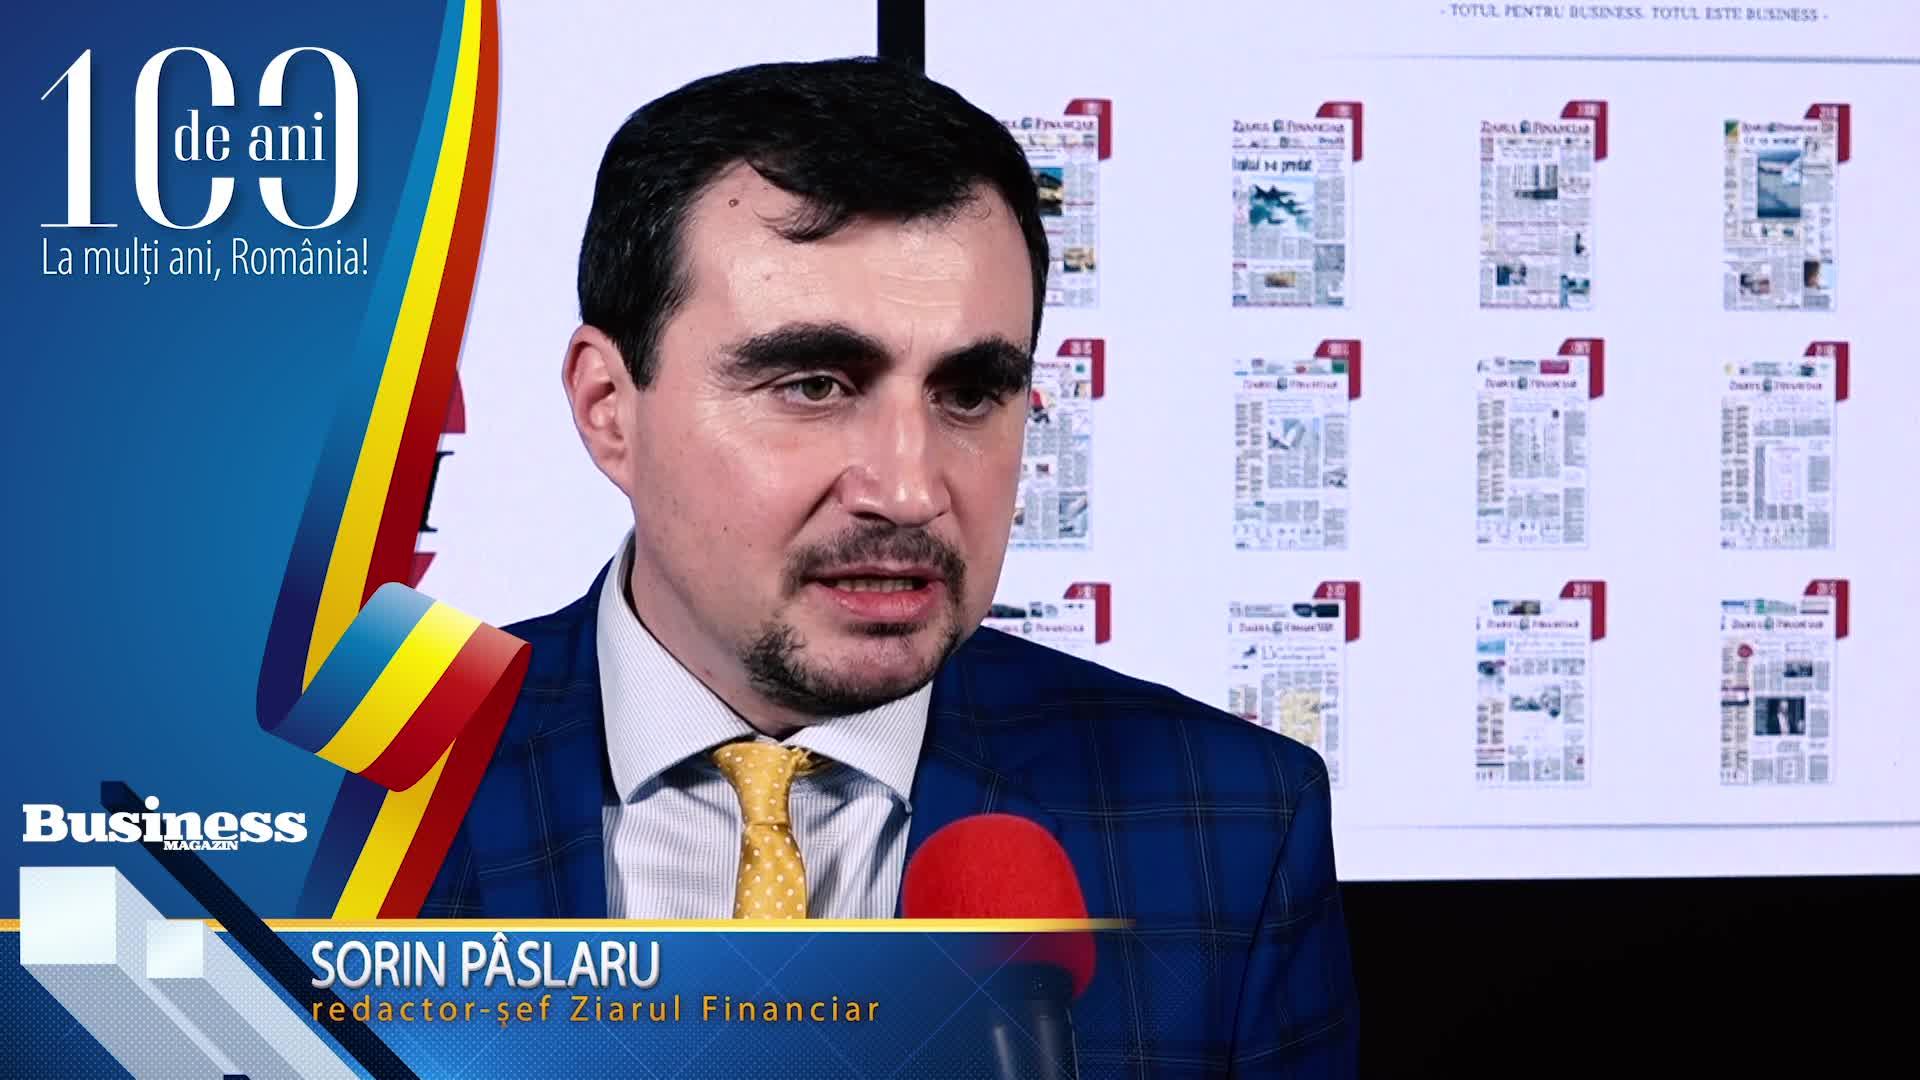 """Sorin Pâslaru, redactor-şef Ziarul Financiar: """"Cred că nu este diferit să faci afaceri în România faţă de orice altă ţară!"""" - VIDEO"""